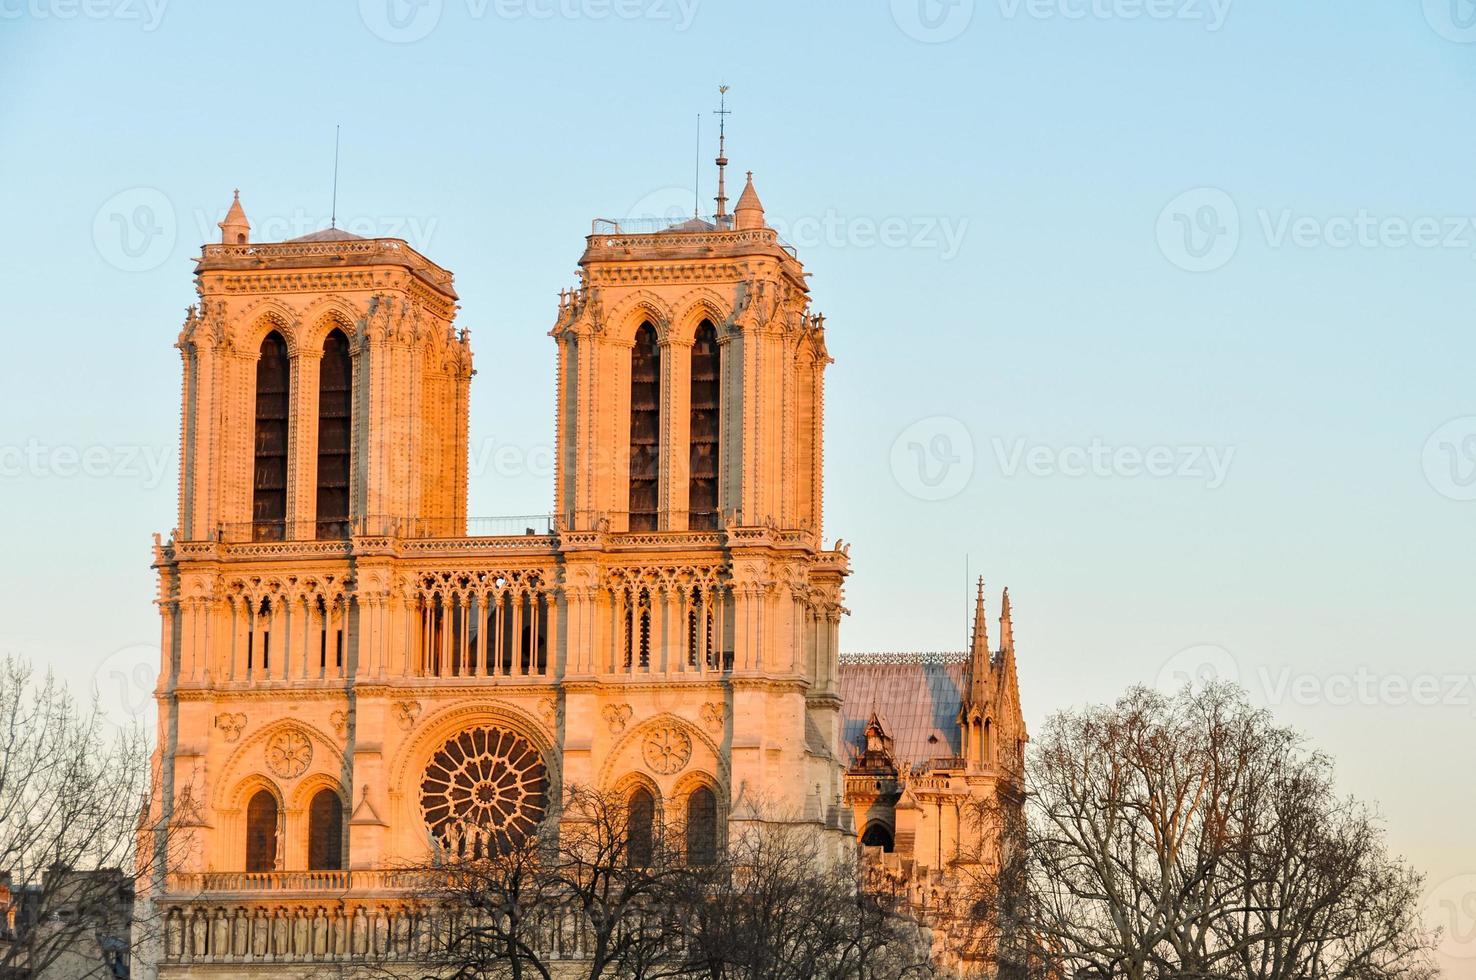 Catedral de Notre Dame de Paris ao pôr do sol foto